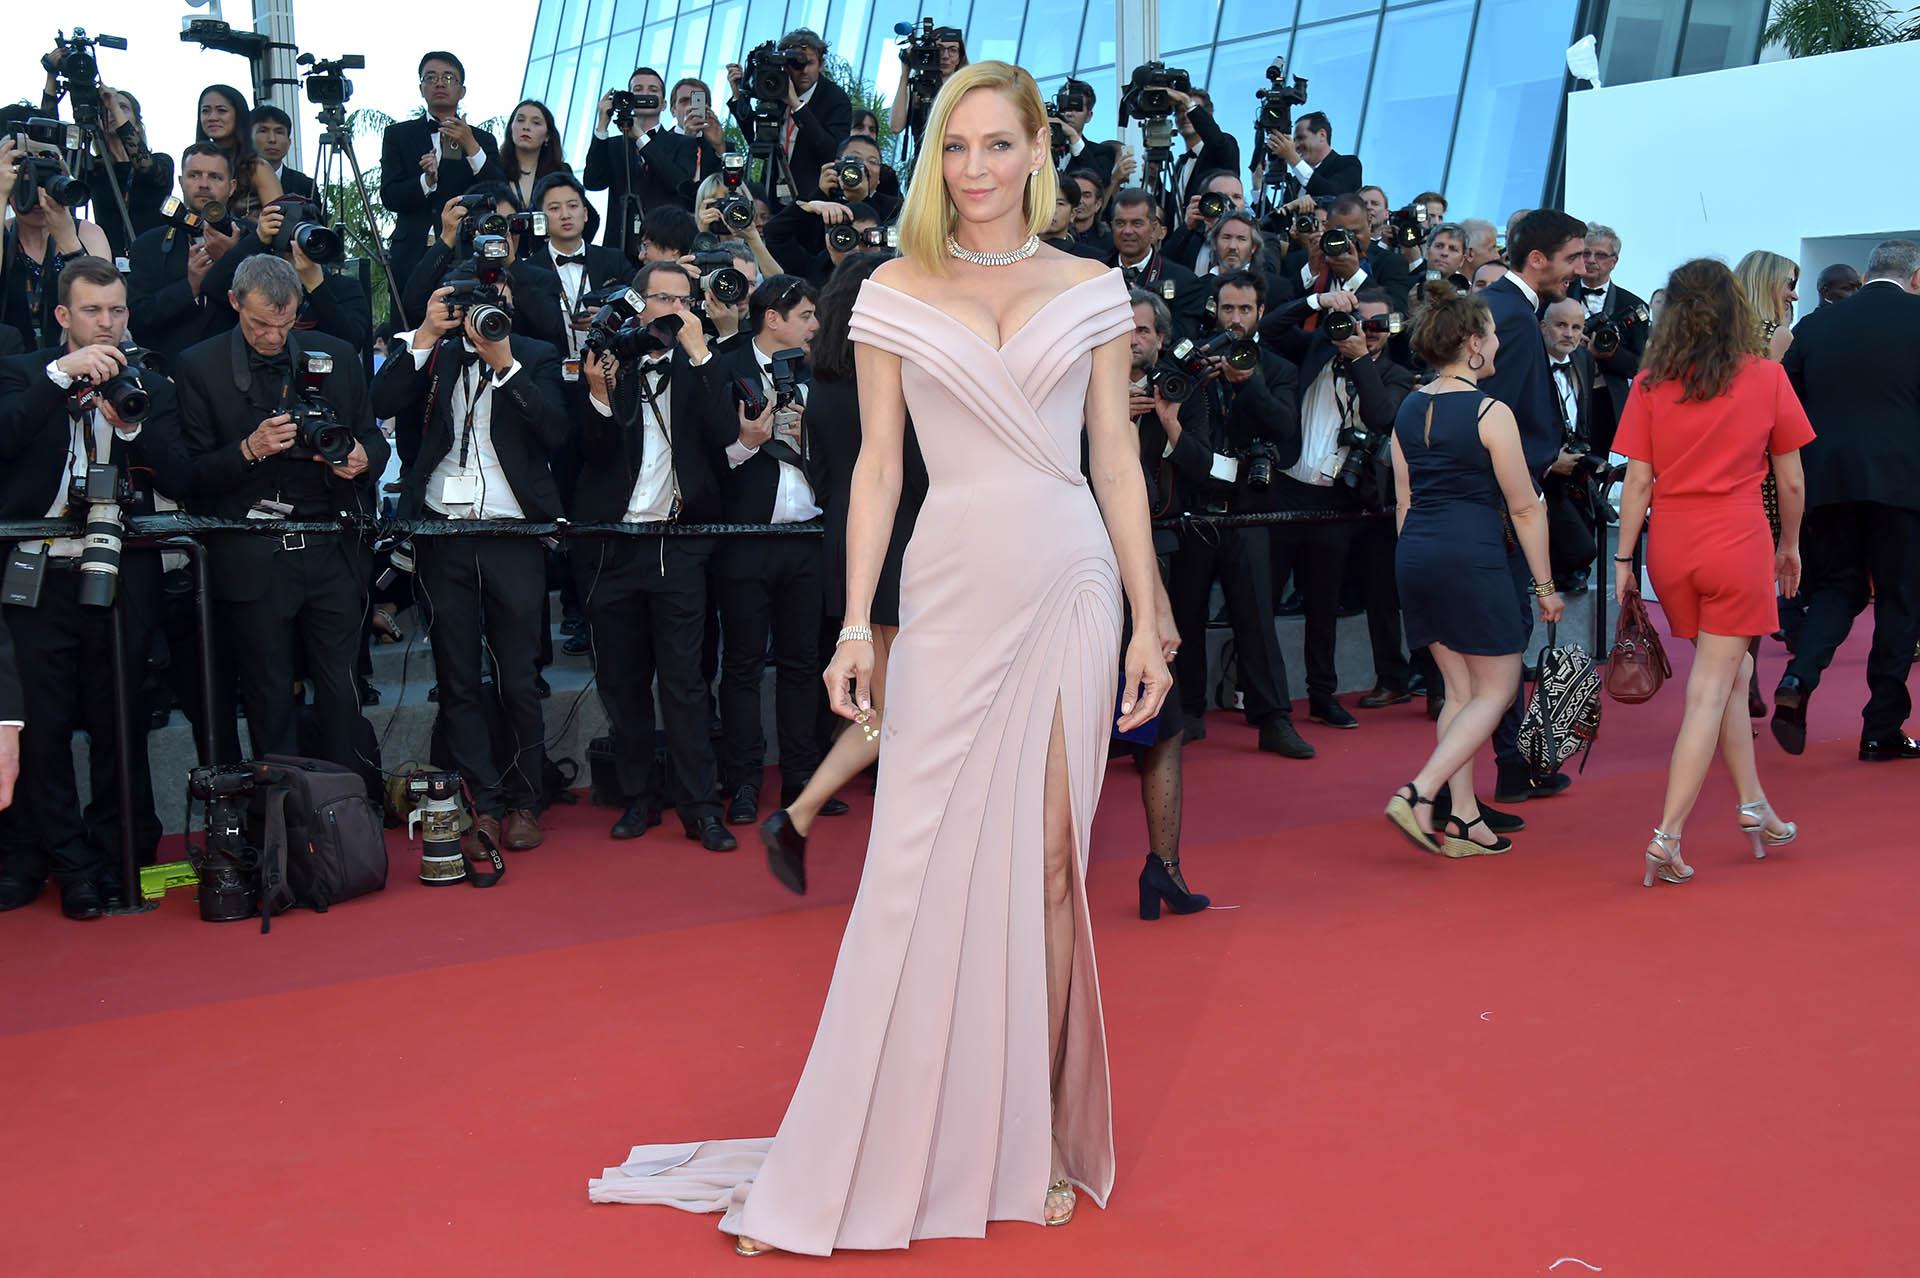 Uma Thurman, presidenta de los jurados en el festival 2017 de Cannes, opto por un vestido rosa de Versace opaco. (Pascal Le Segretain/Getty Images)